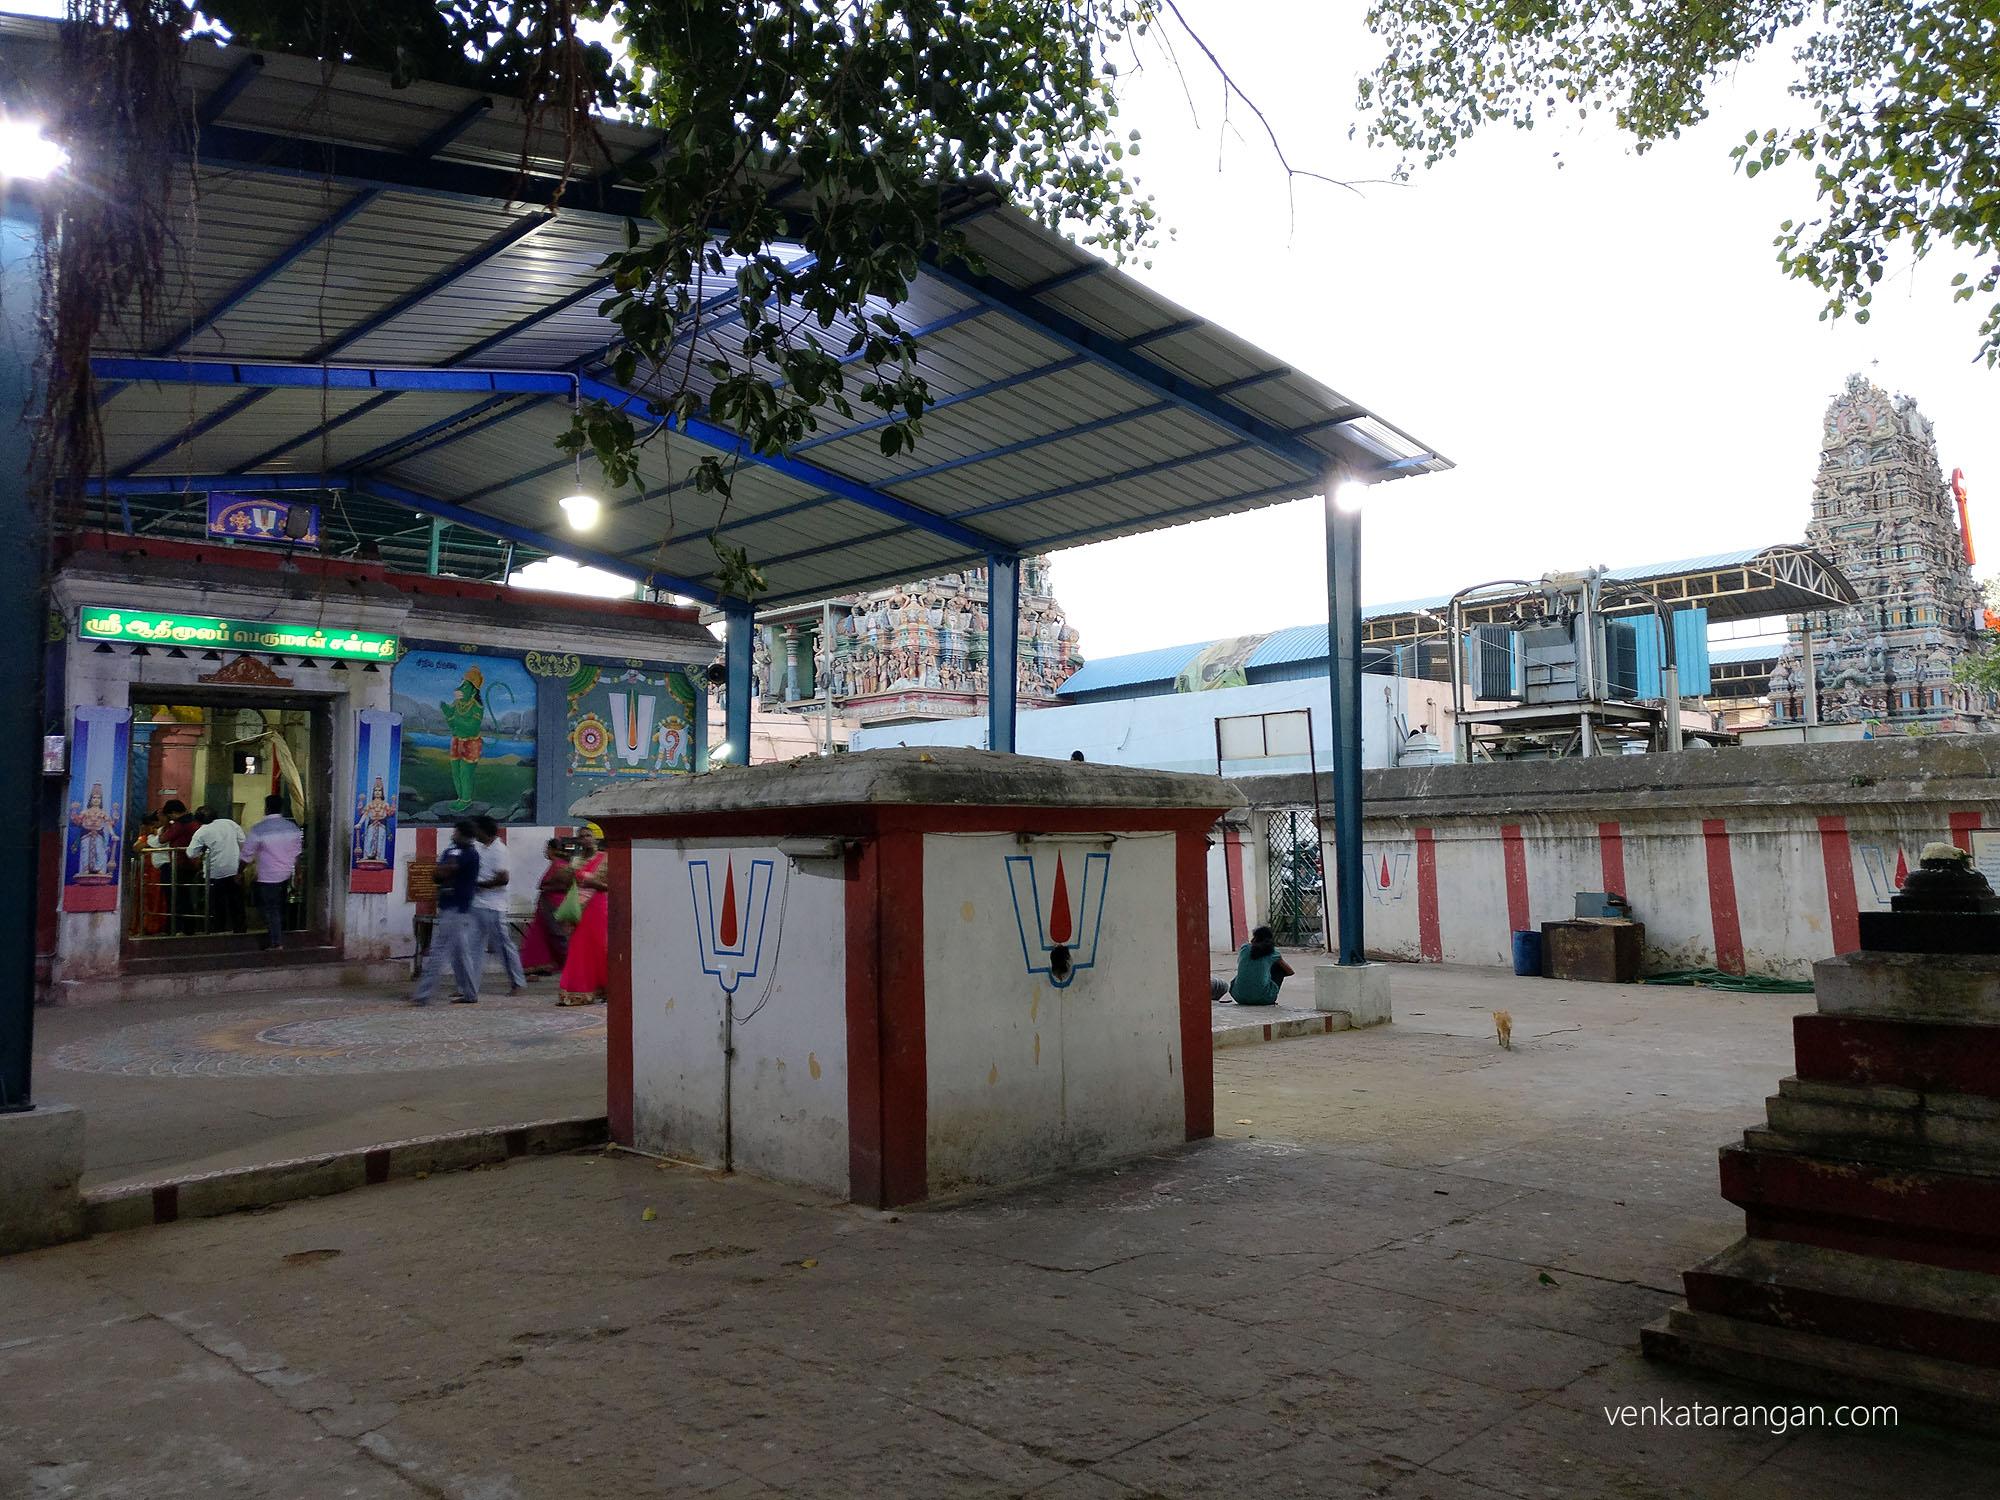 ஸ்ரீ ஆதிமூலப் பெருமாள் சன்னதி